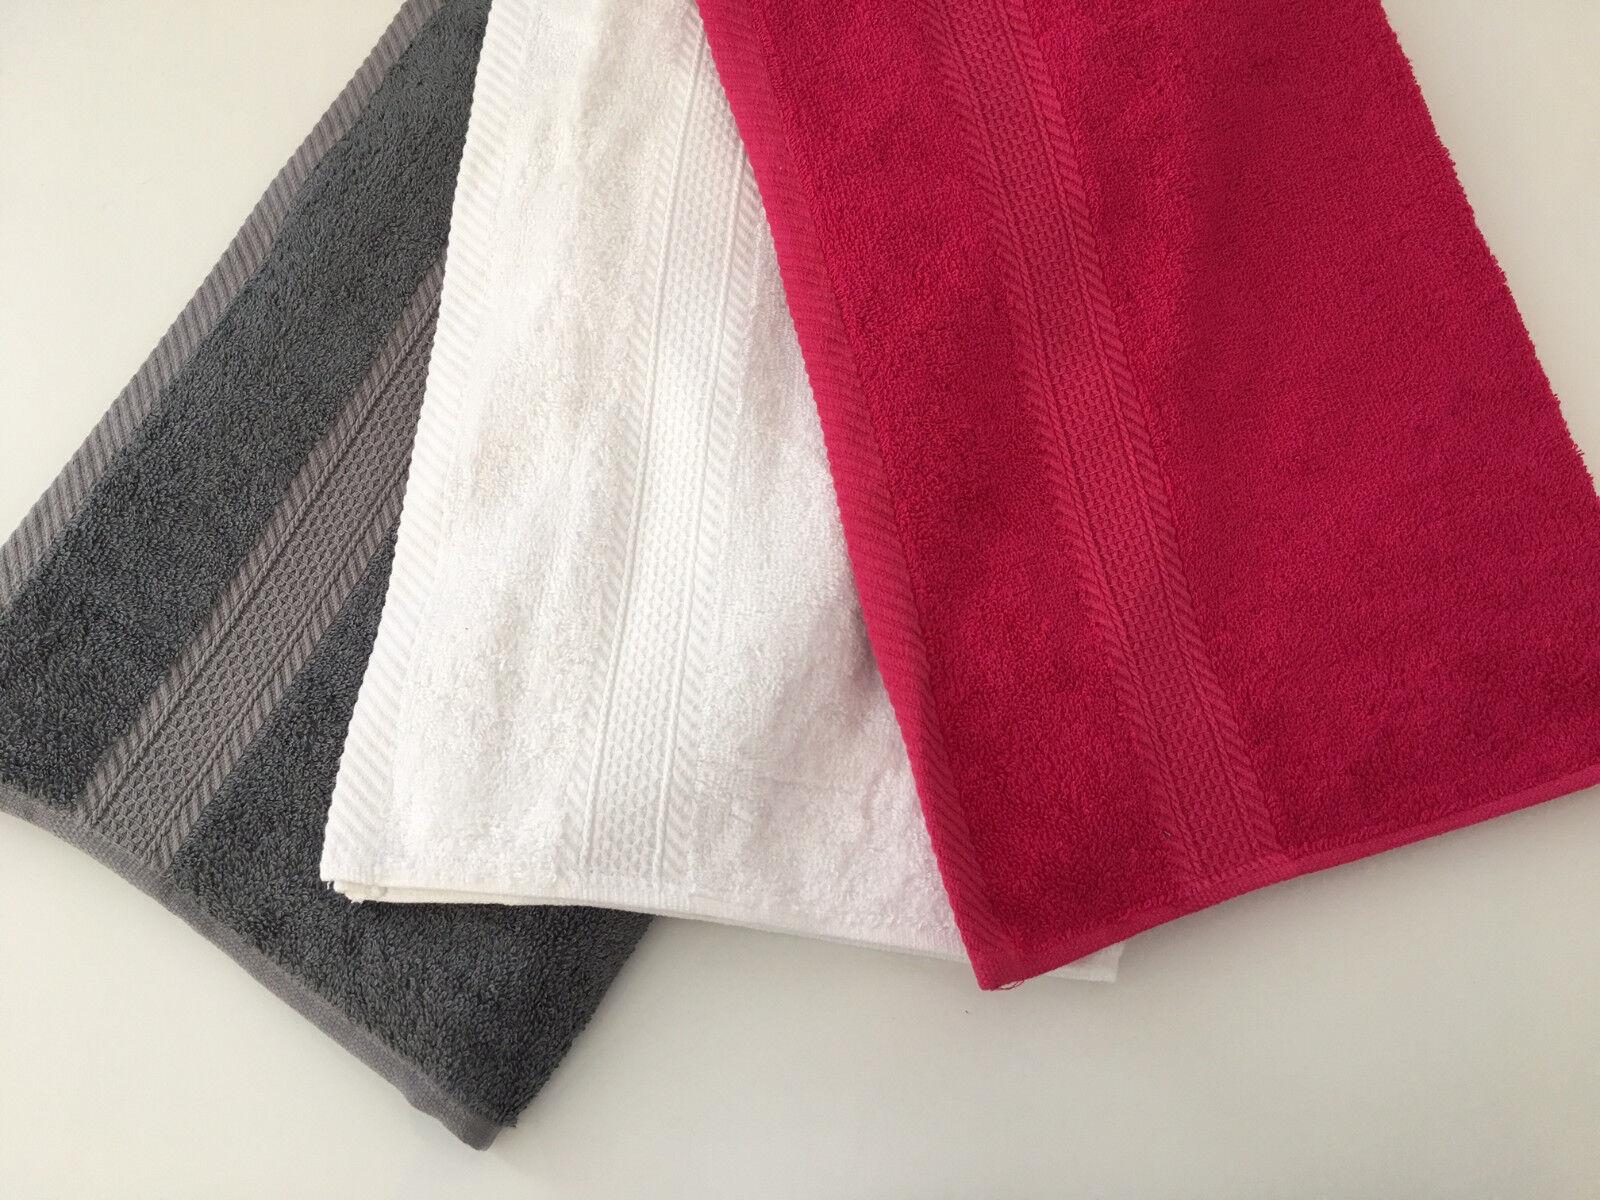 Bambus Handtuch Duschtuch Saunatuch unifarben aus Bambus mit Bordüre